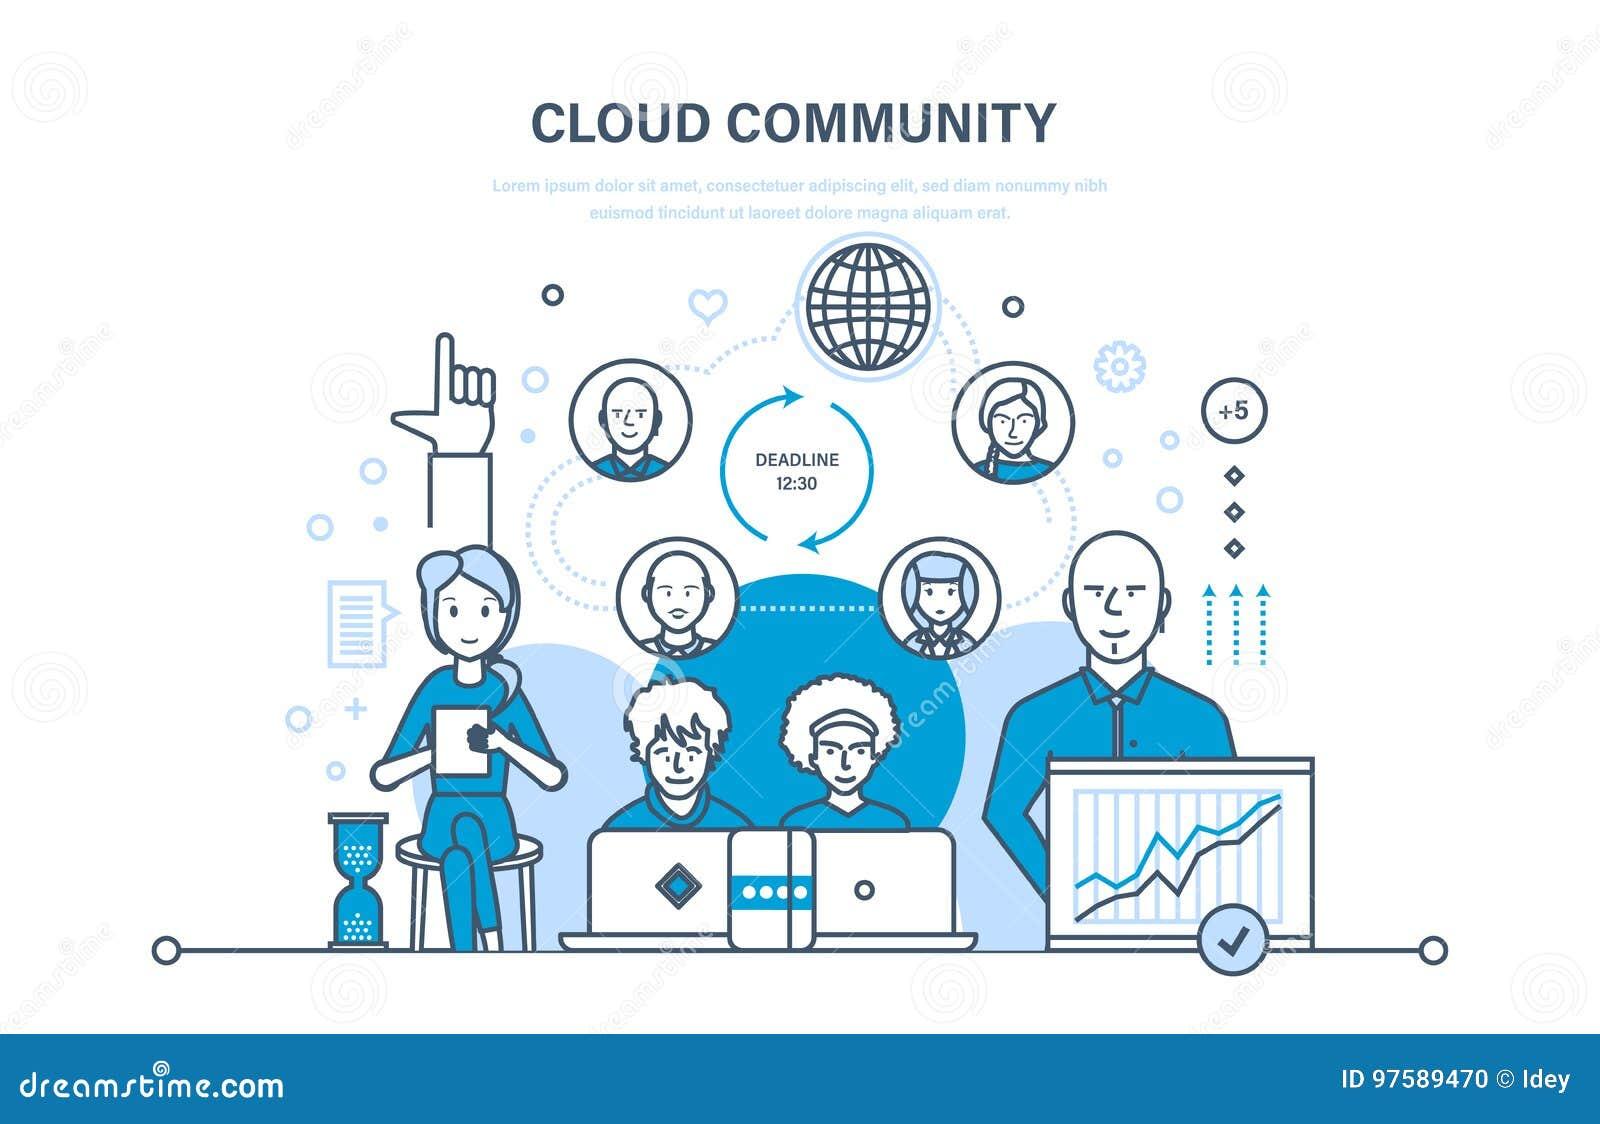 Nuble-se a comunidade, apoio, comunicações, tecnologia da informação, feedback, desenvolvimento do software